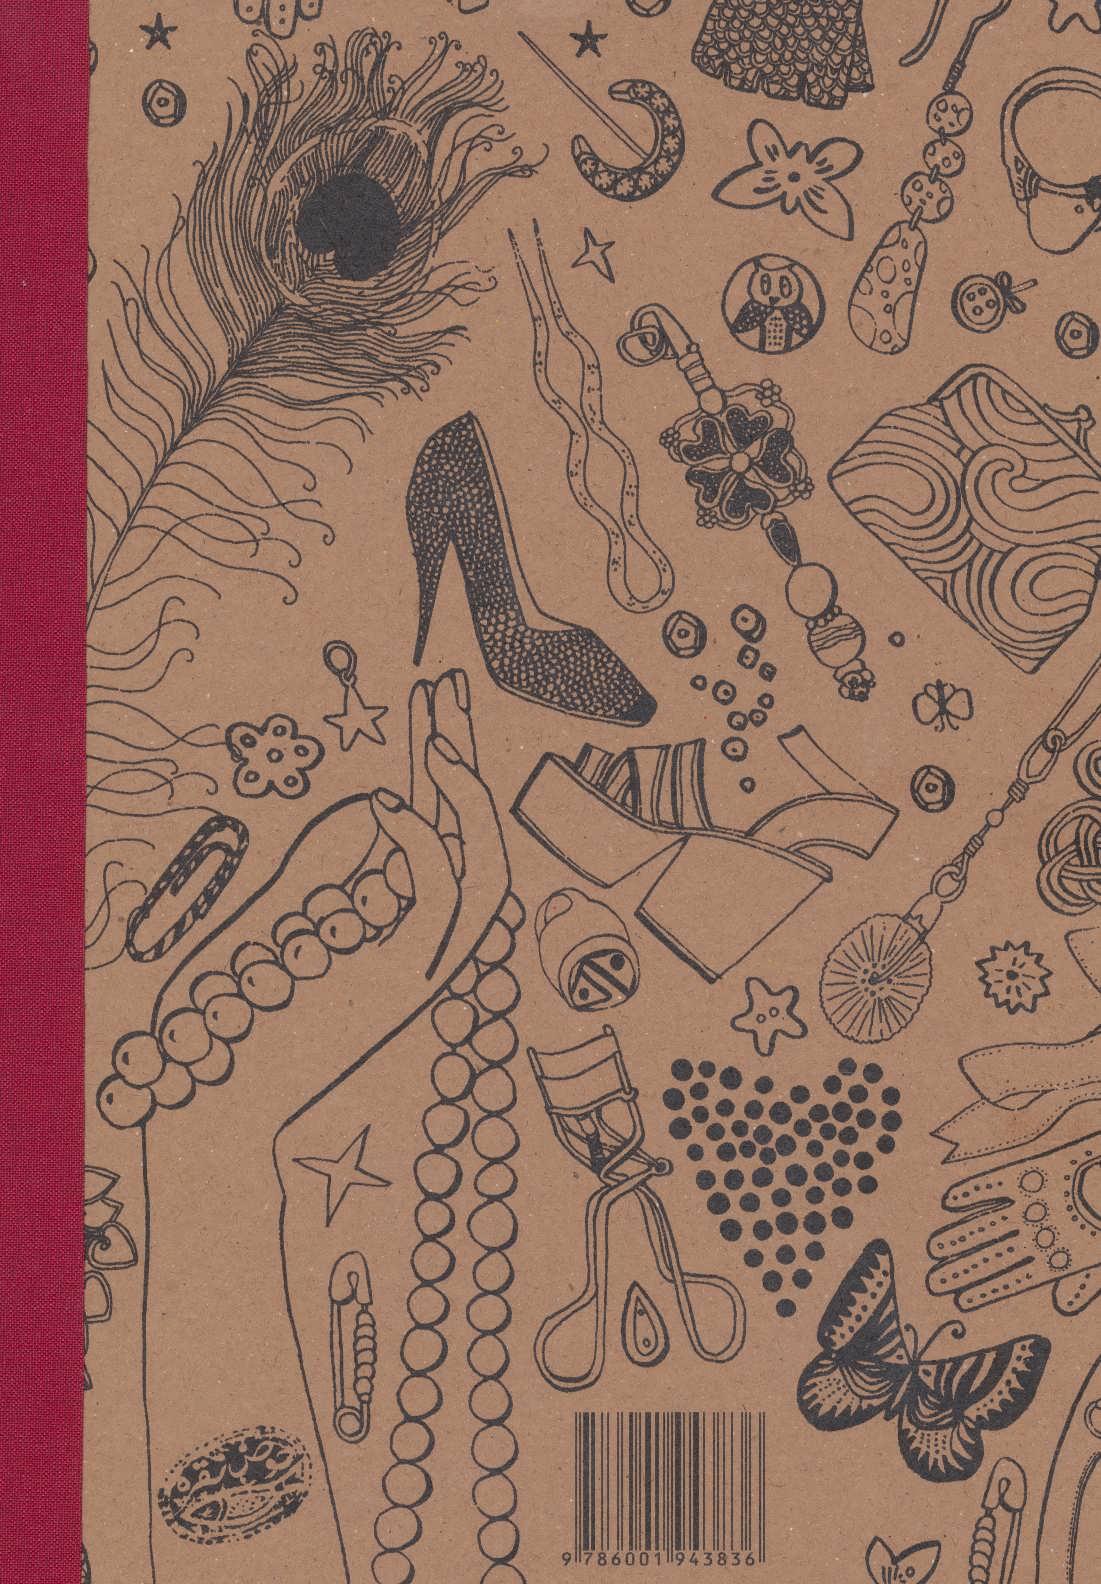 دنیای شگفت انگیز مد 1 (کتاب رنگ آمیزی،طراحی و رویابافی)